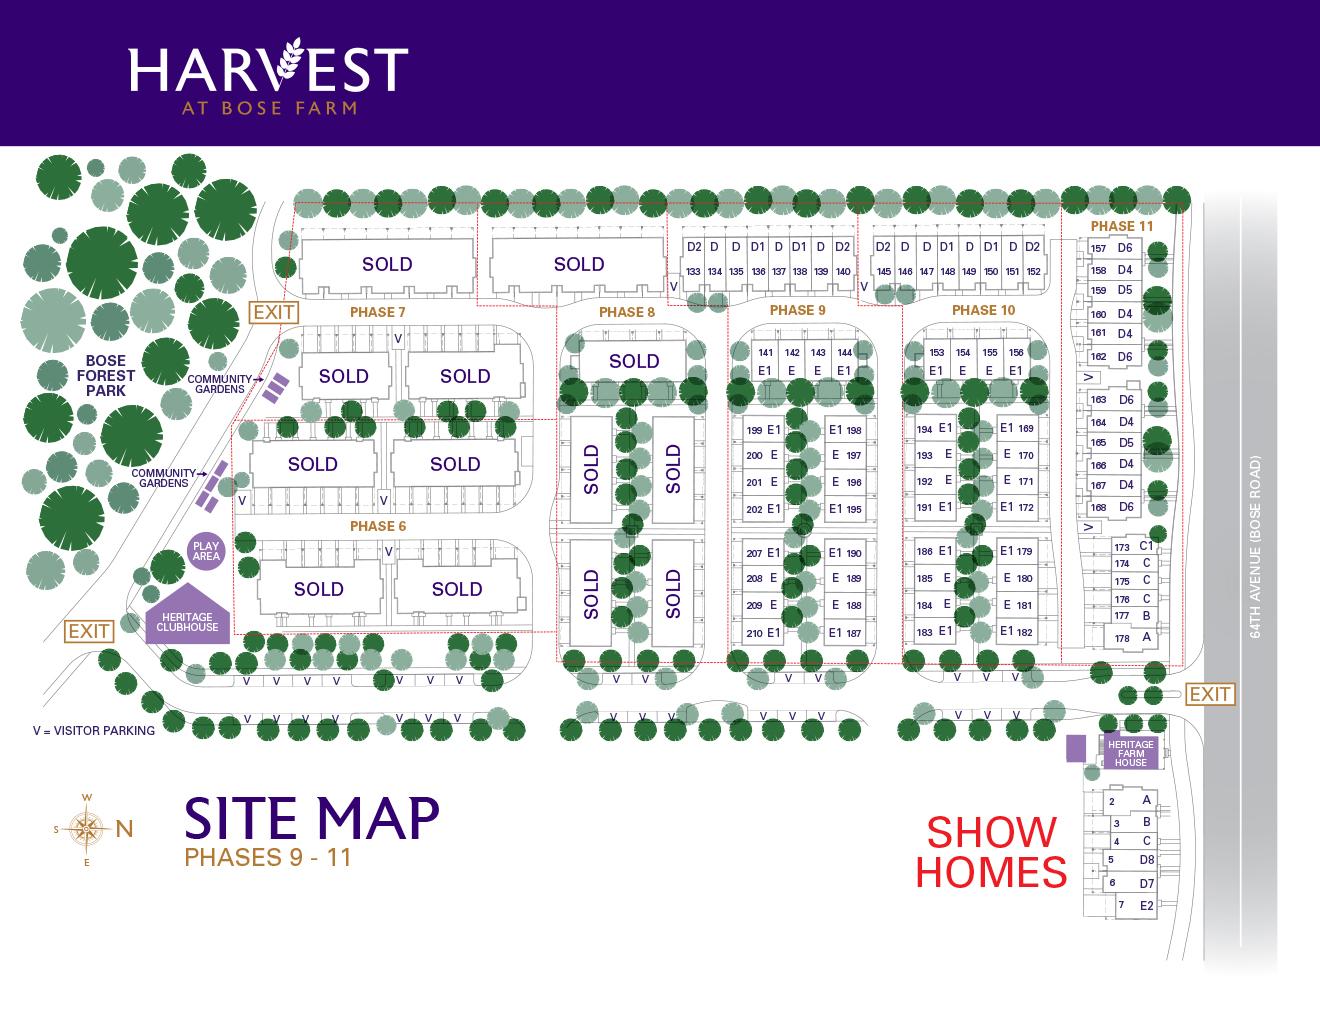 Site_map_Phase9-11-Harvest.jpg